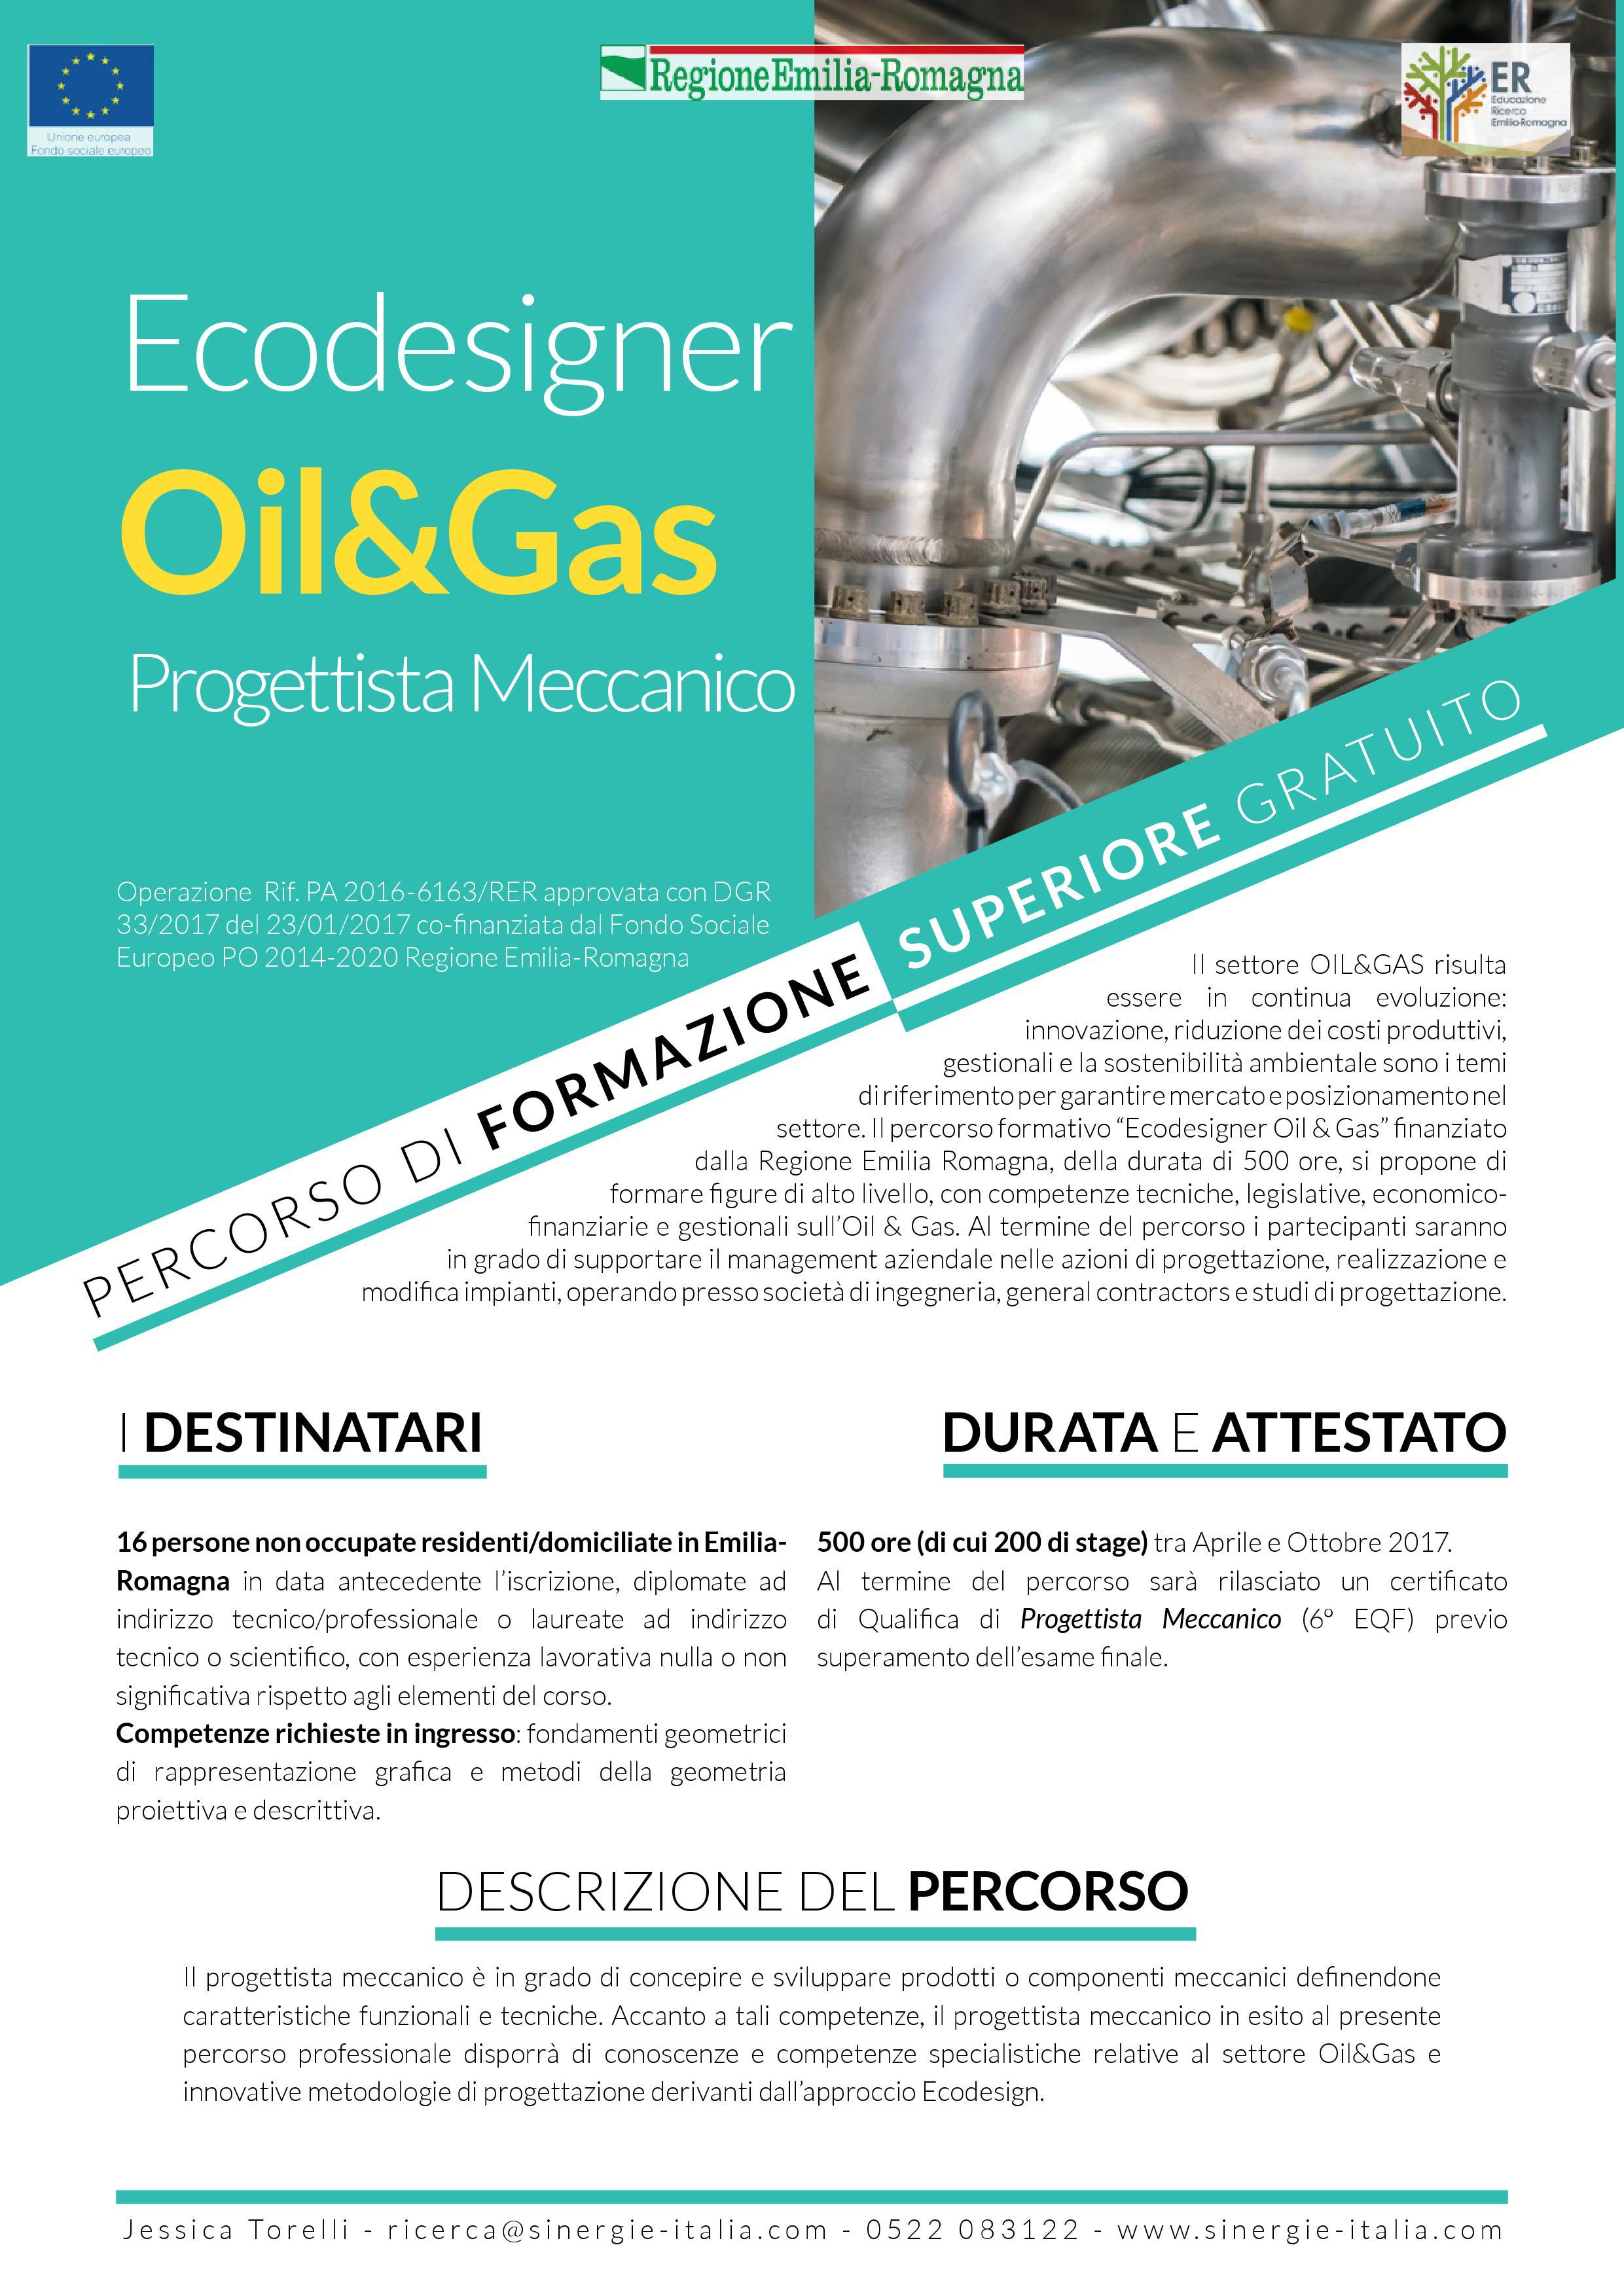 Corso Progettista Meccanico Settore Ecodesigner Oil & Gas